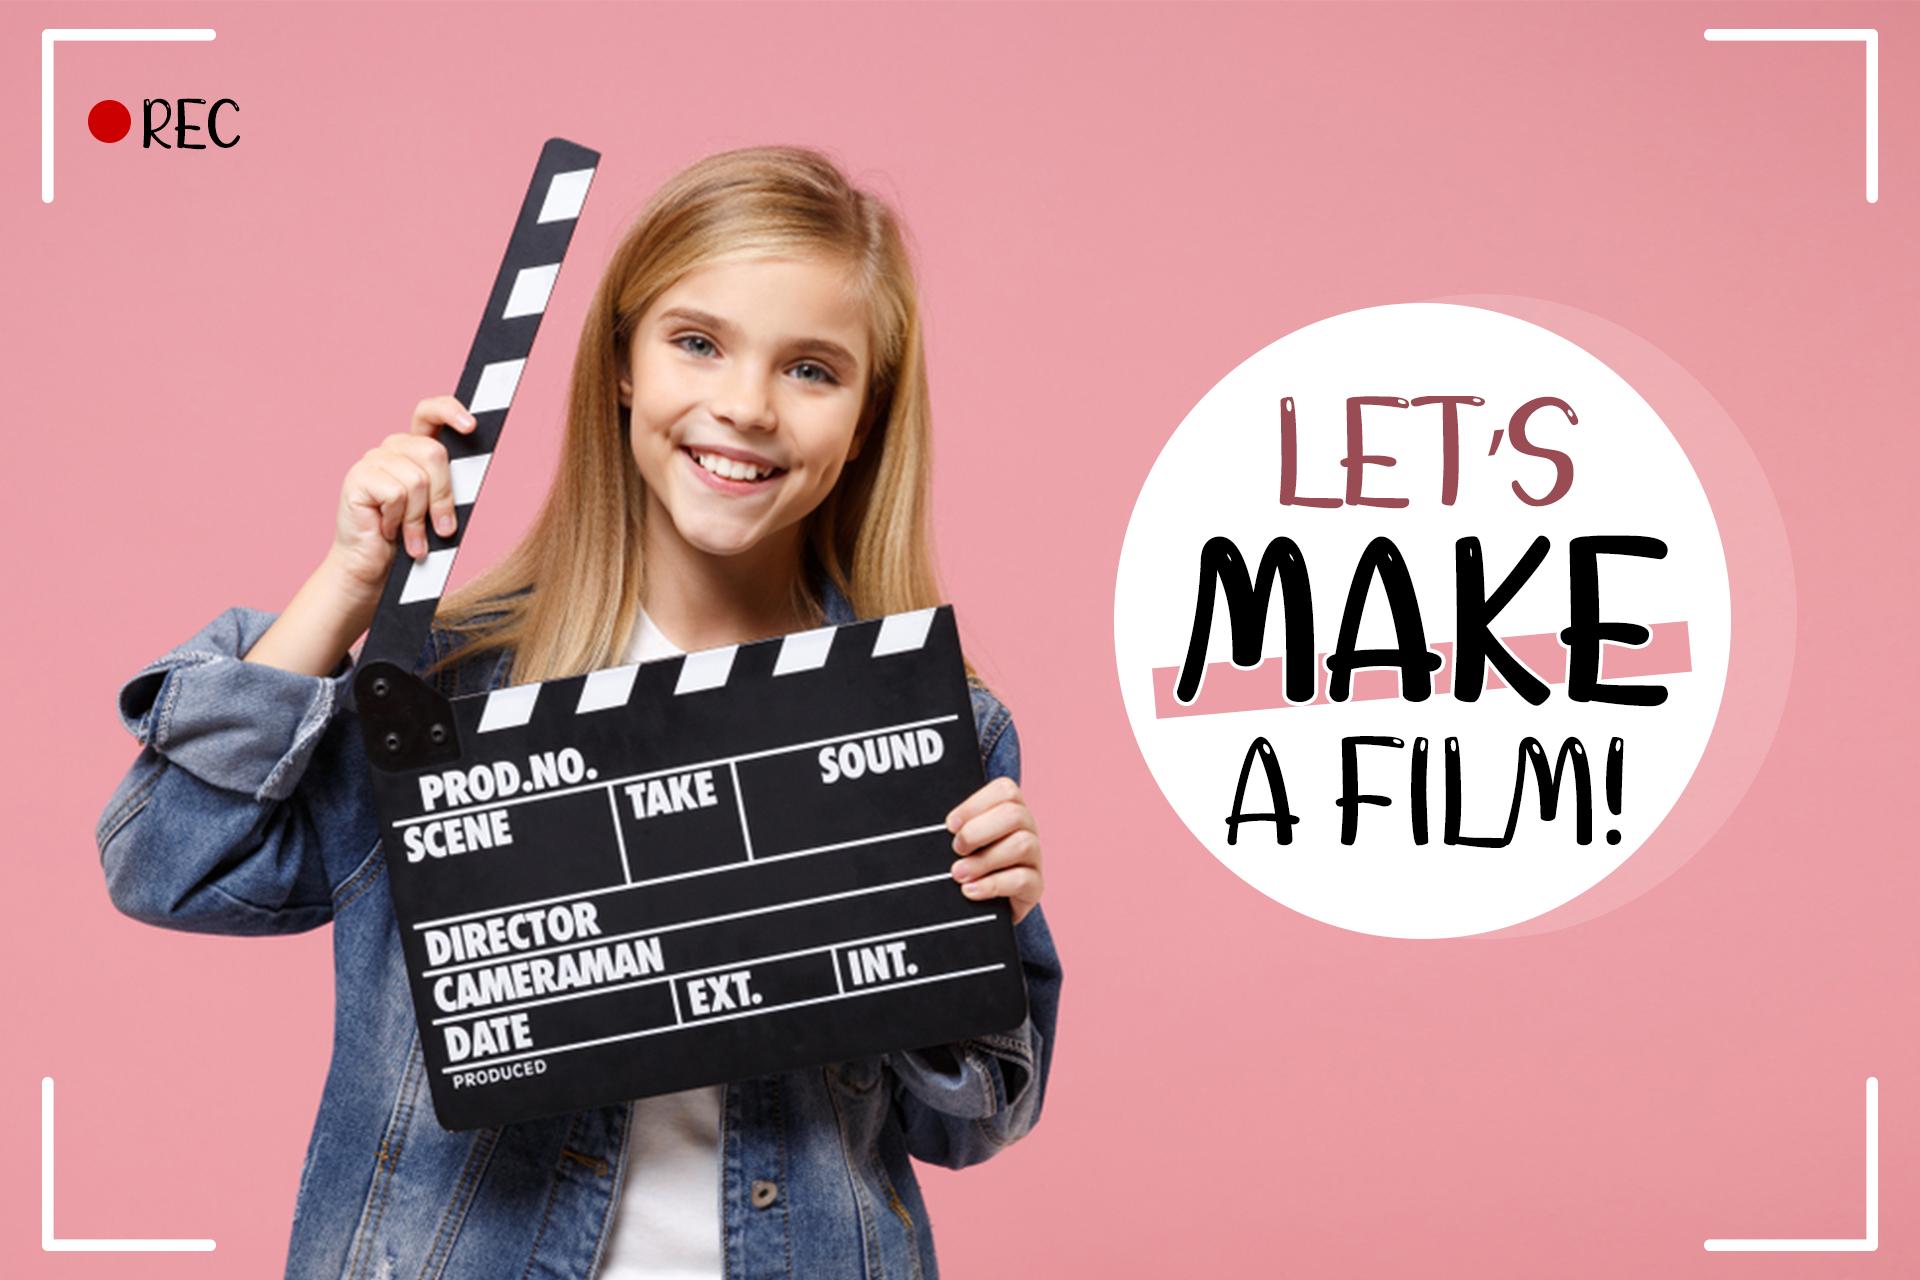 Let's-make-a-film!